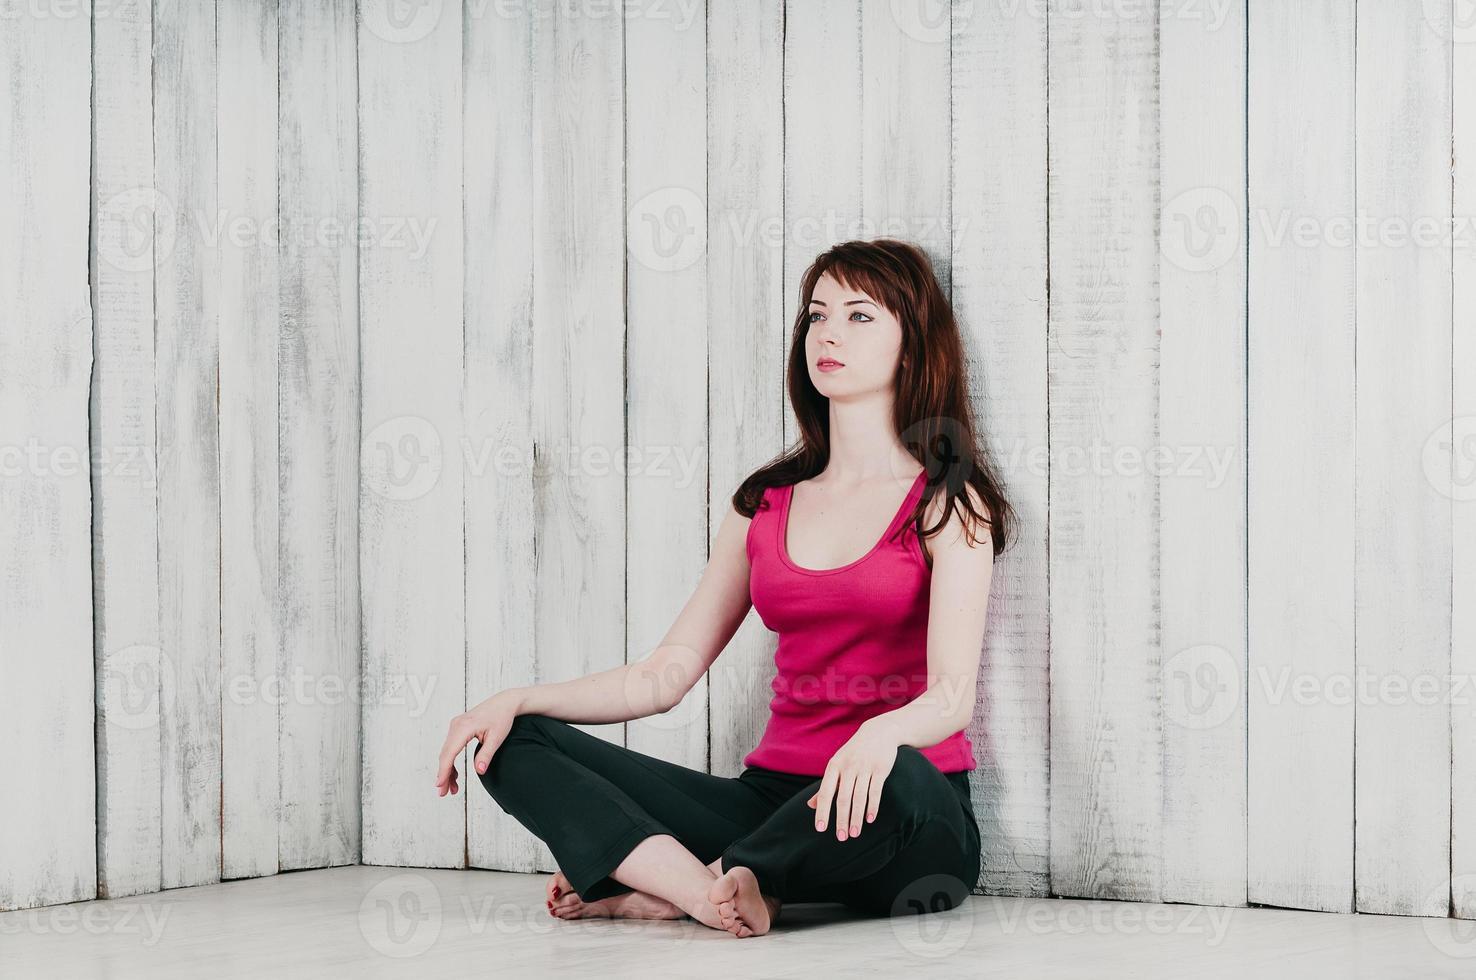 fille en haut rose, assise en tailleur sur le sol, fond clair photo